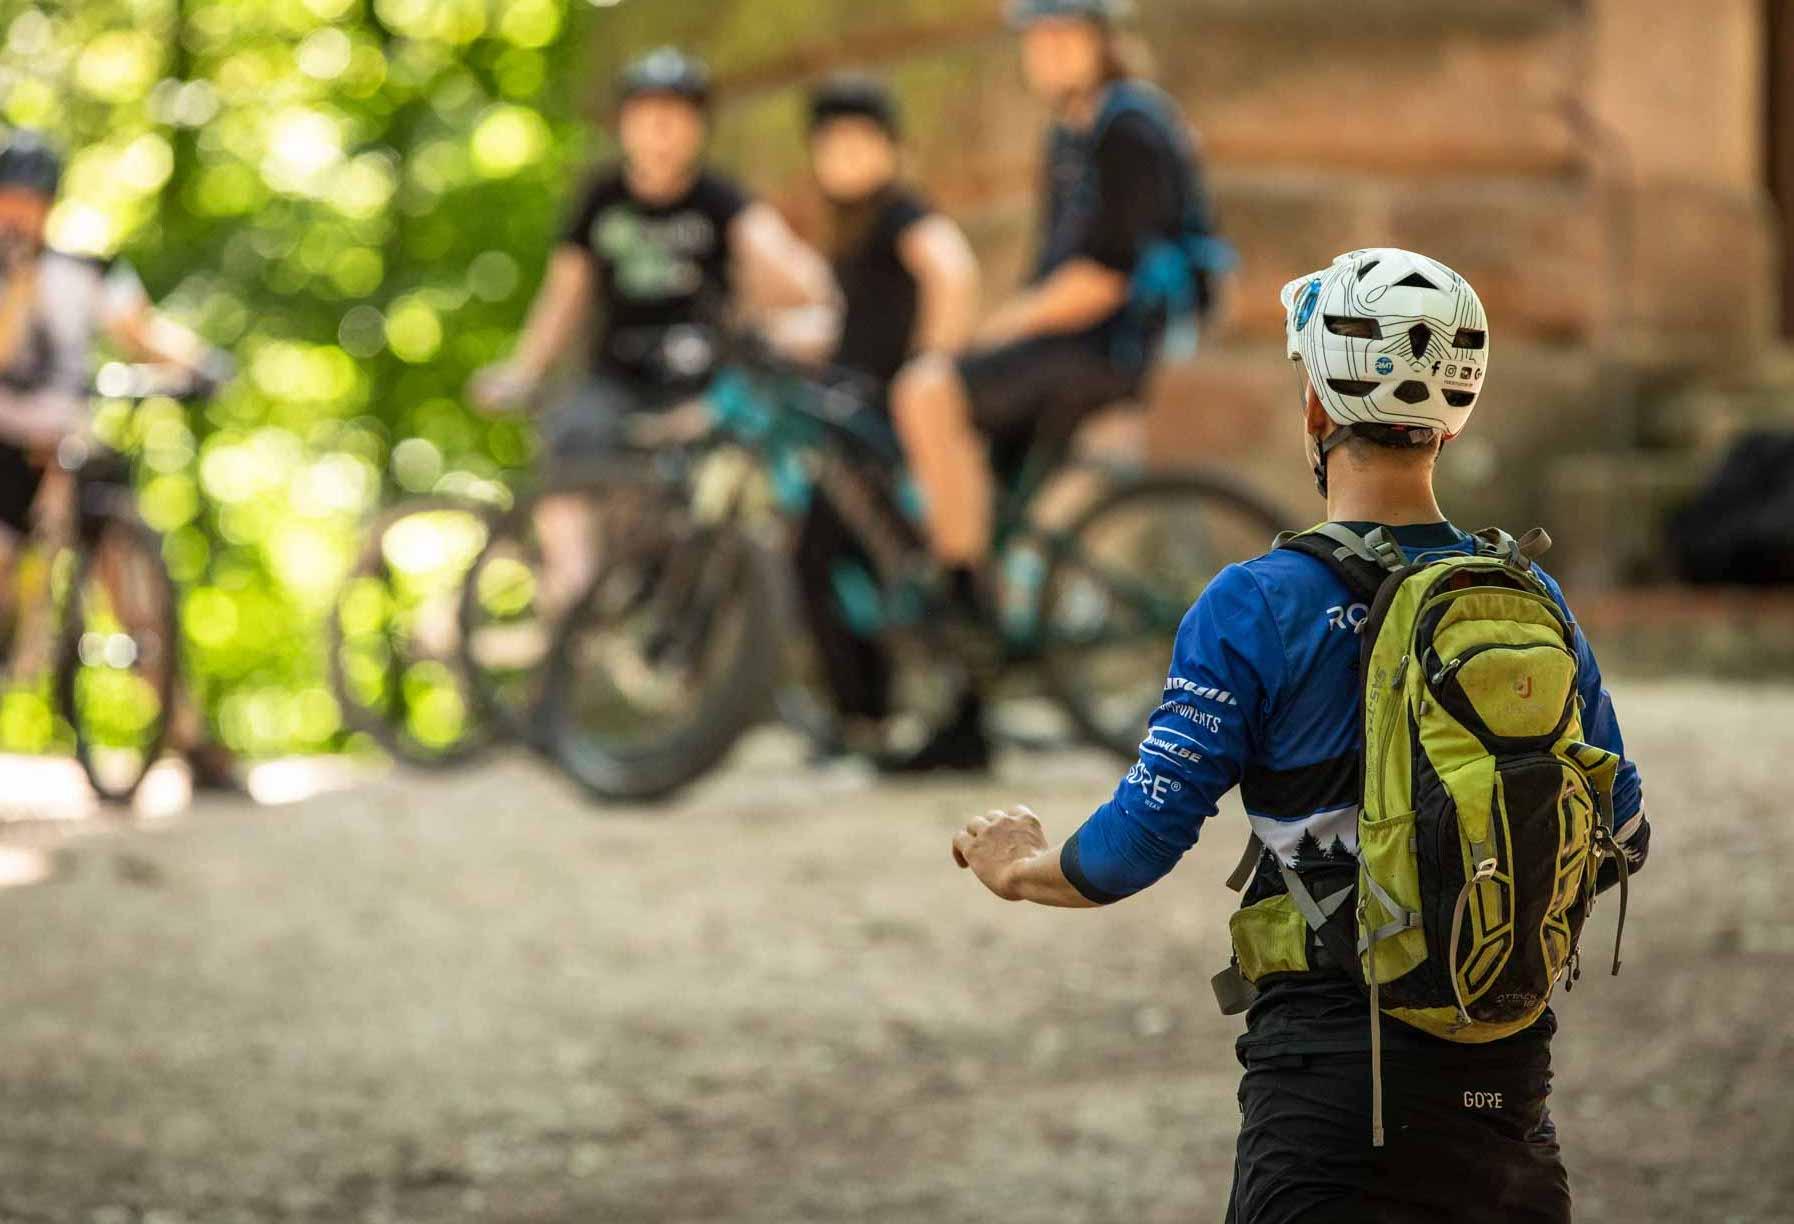 MTB Fahrtechnik Kurs für Einsteiger in Siegburg   Bonn - Mountainbike Basic - Rock my Trail Bikeschule - 27